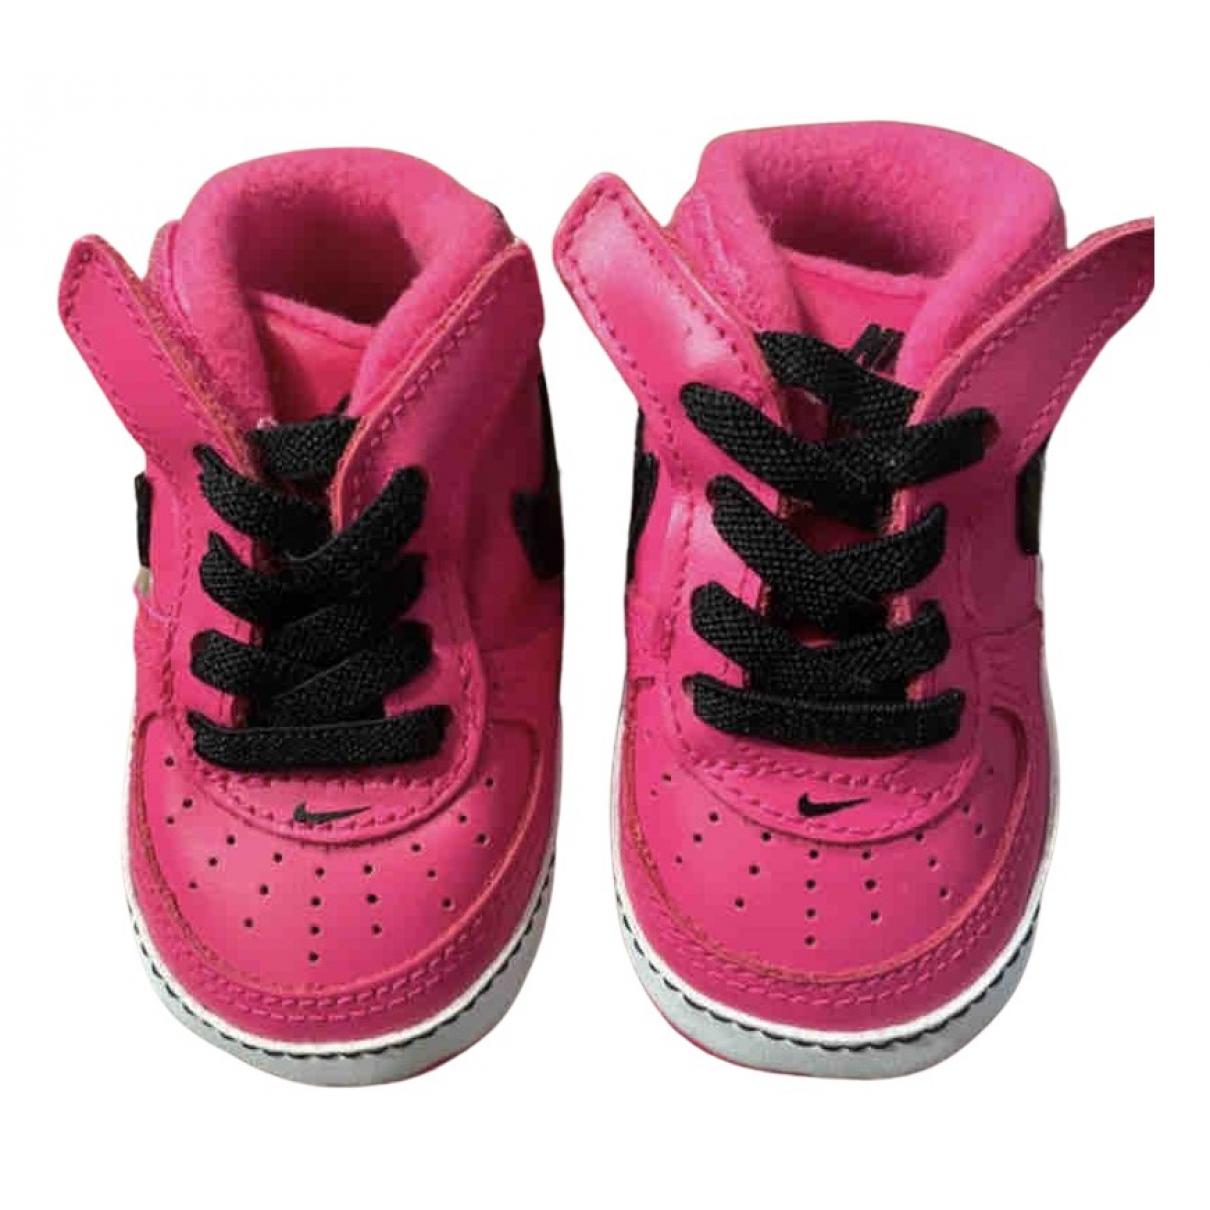 Nike - Baskets Air Force 1 pour enfant en cuir - rose